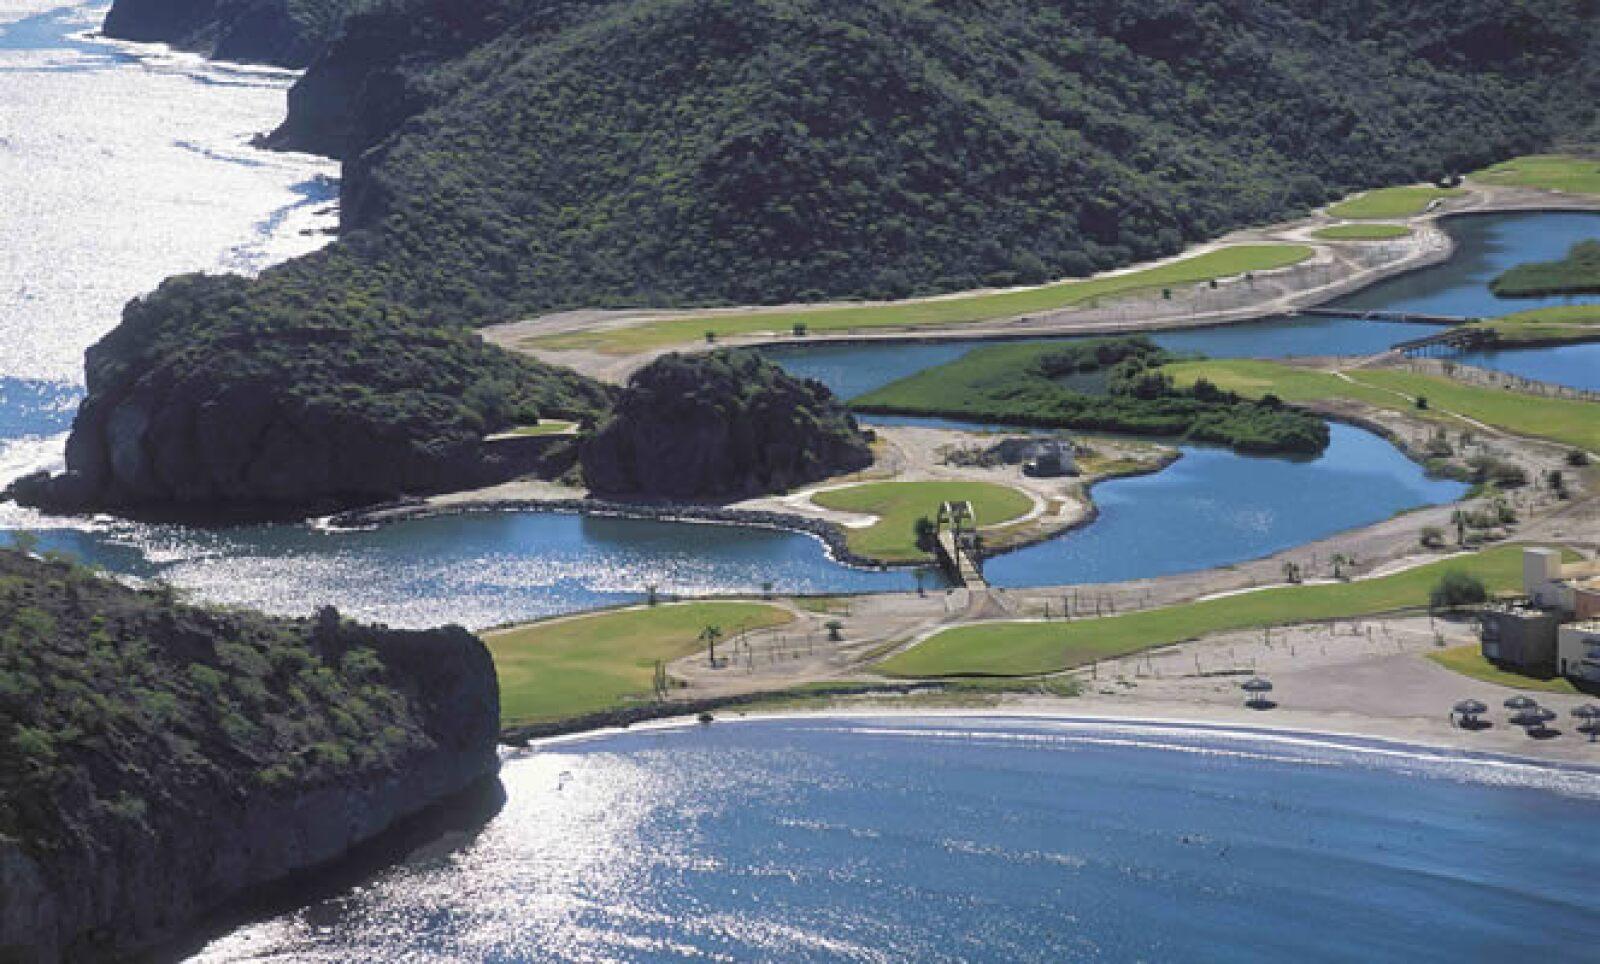 Dentro de sus paisajes están la Sierra Giganta, el desierto y el Mar de Cortés, que alberga a más de 800 especies de vida marina como la ballena azul.